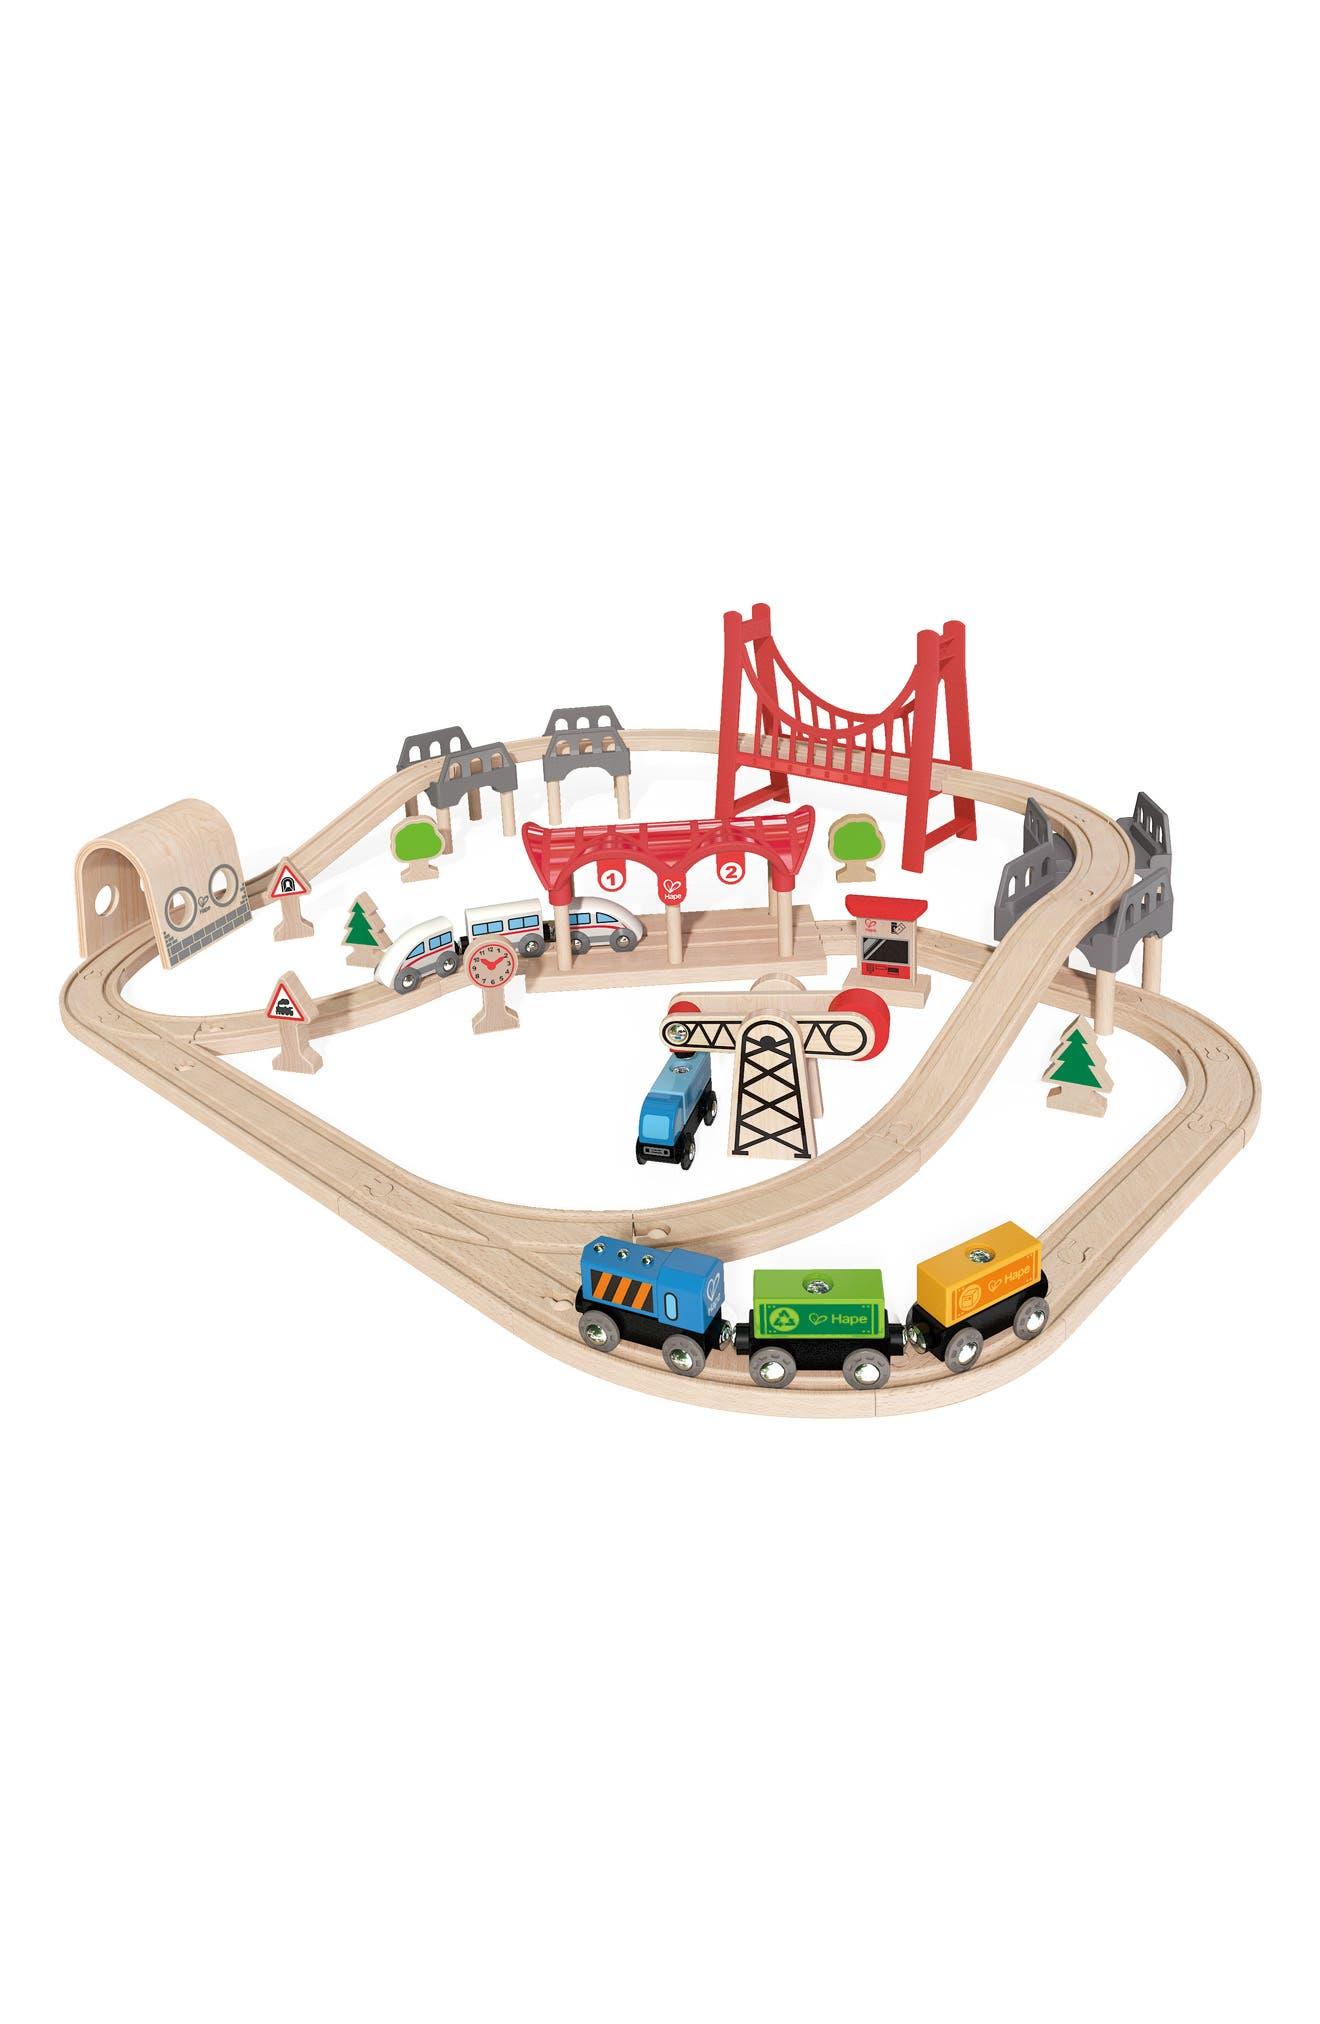 Hape Double Loop Railway Wooden Train Set